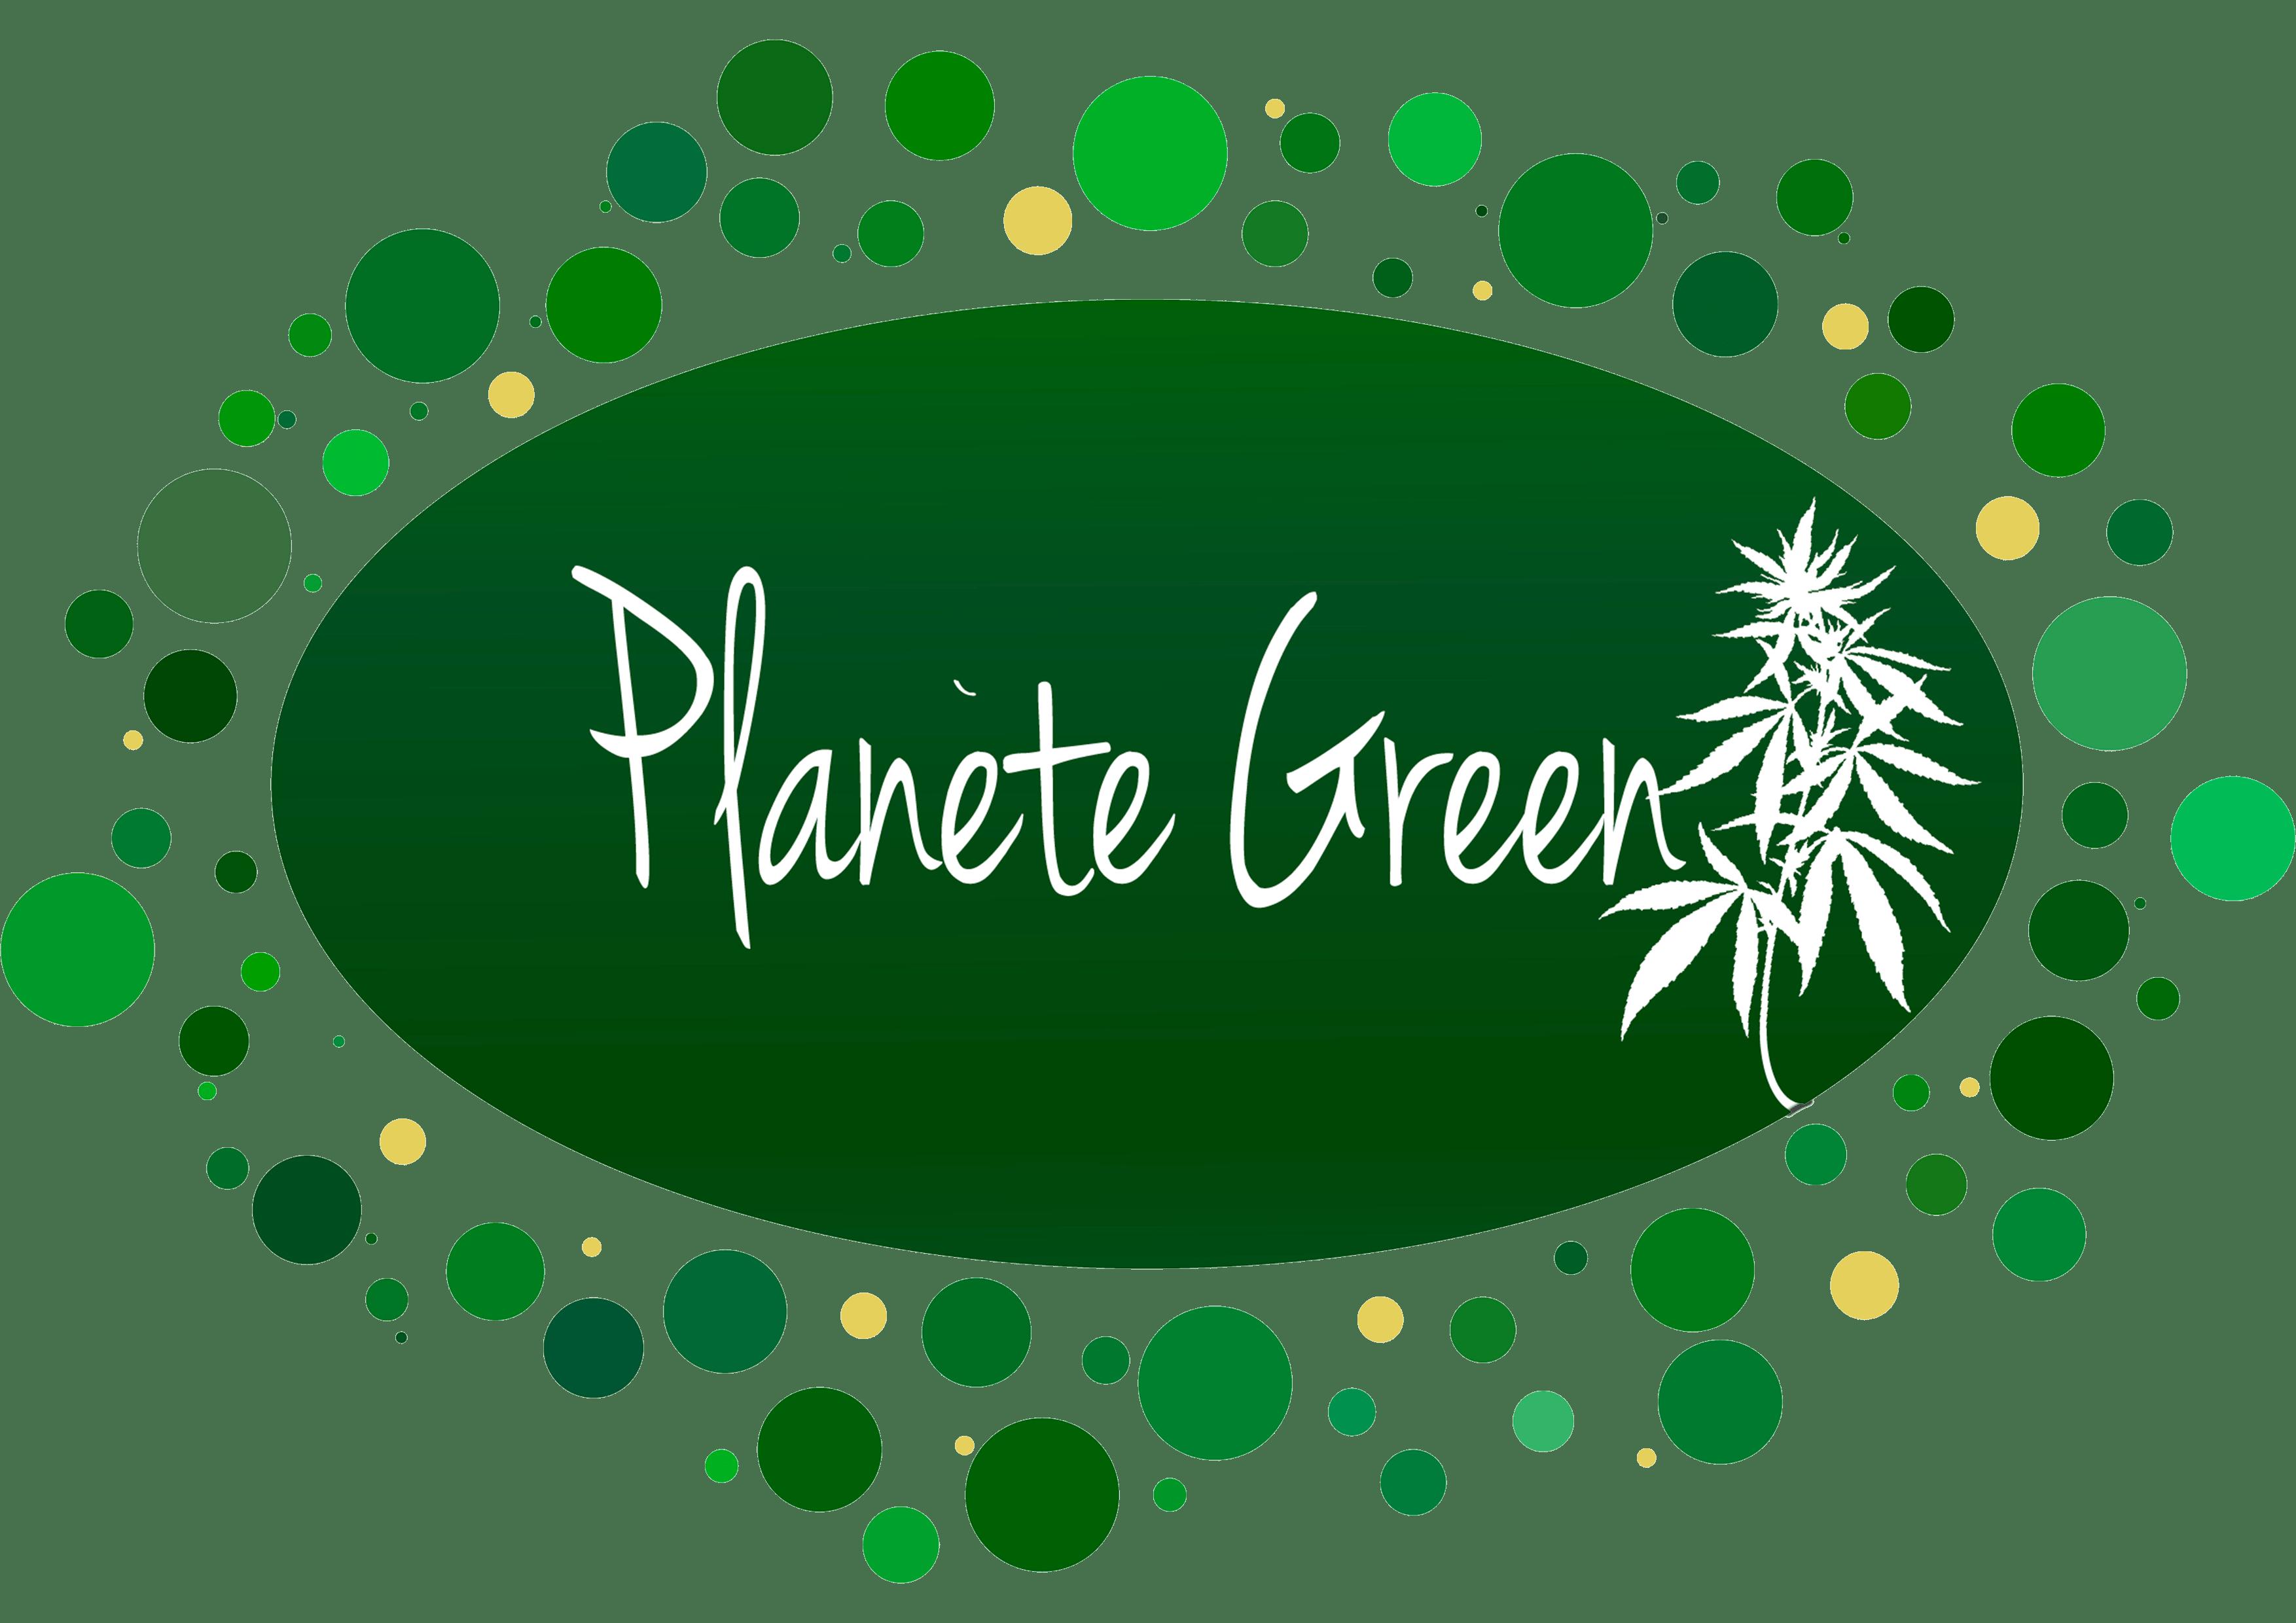 Planète Green